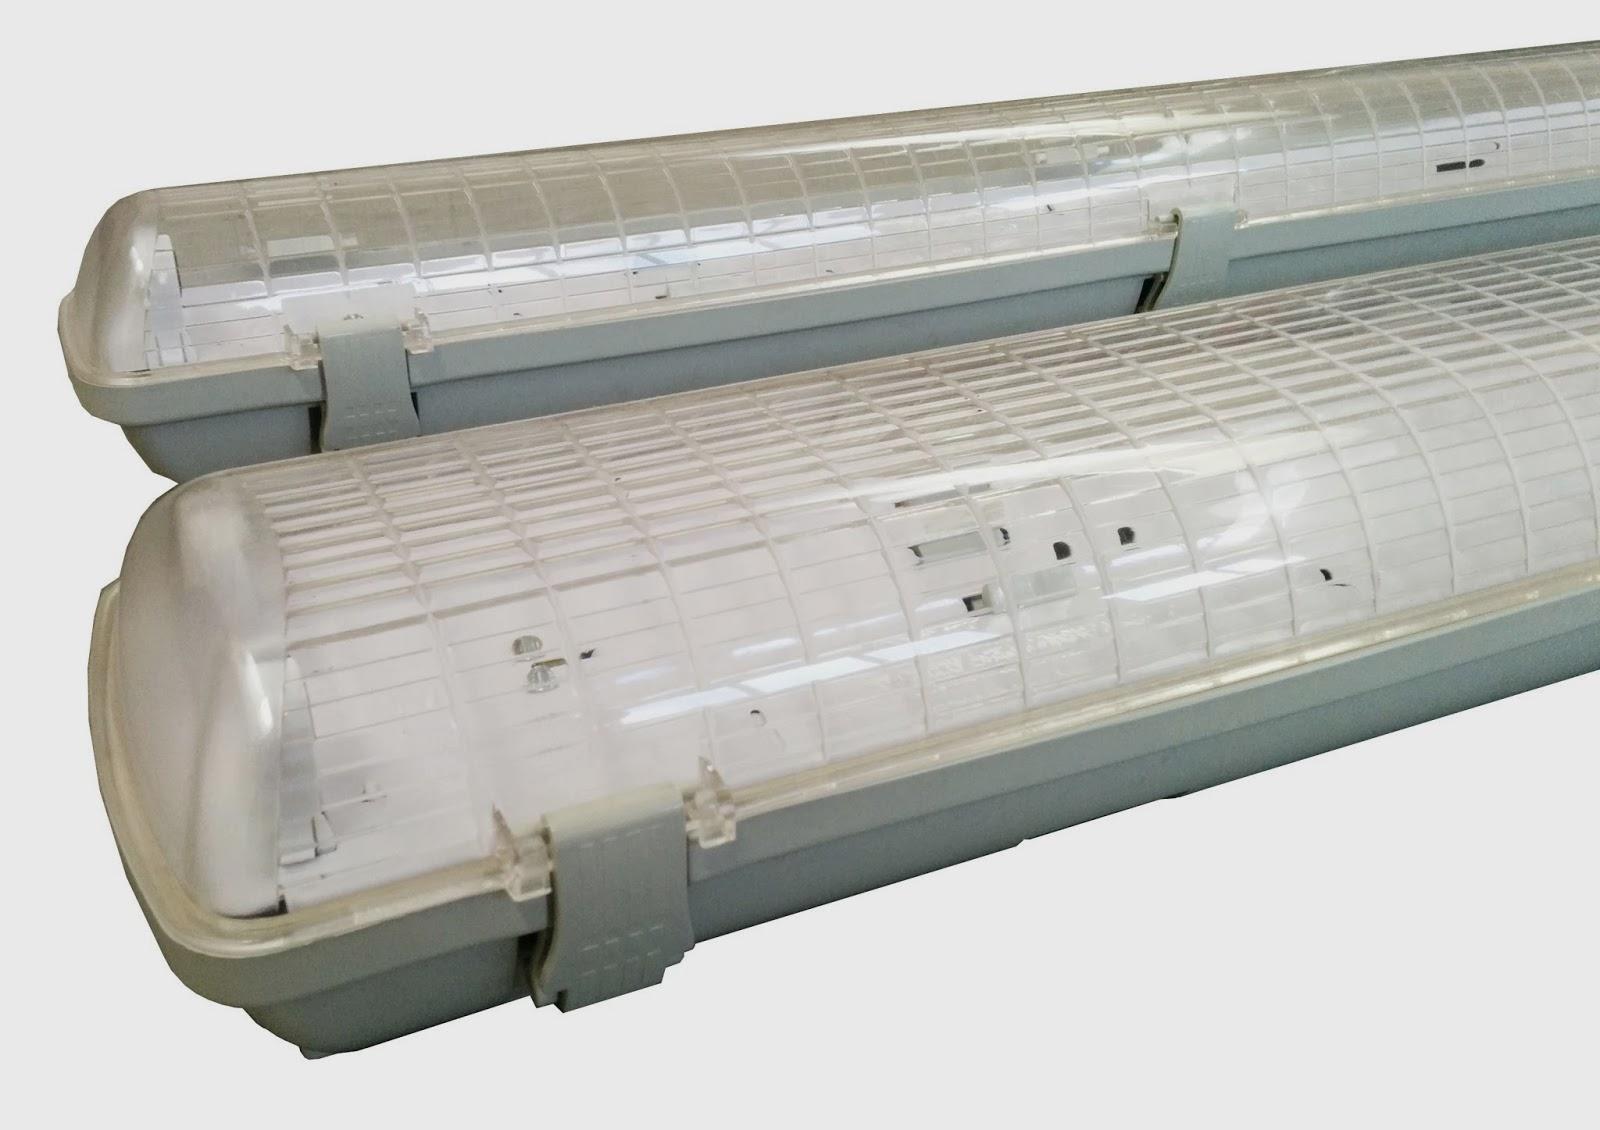 Plafoniera Tubo Led 120 : Illuminazione led plafoniere stagne tubolari per tubi t